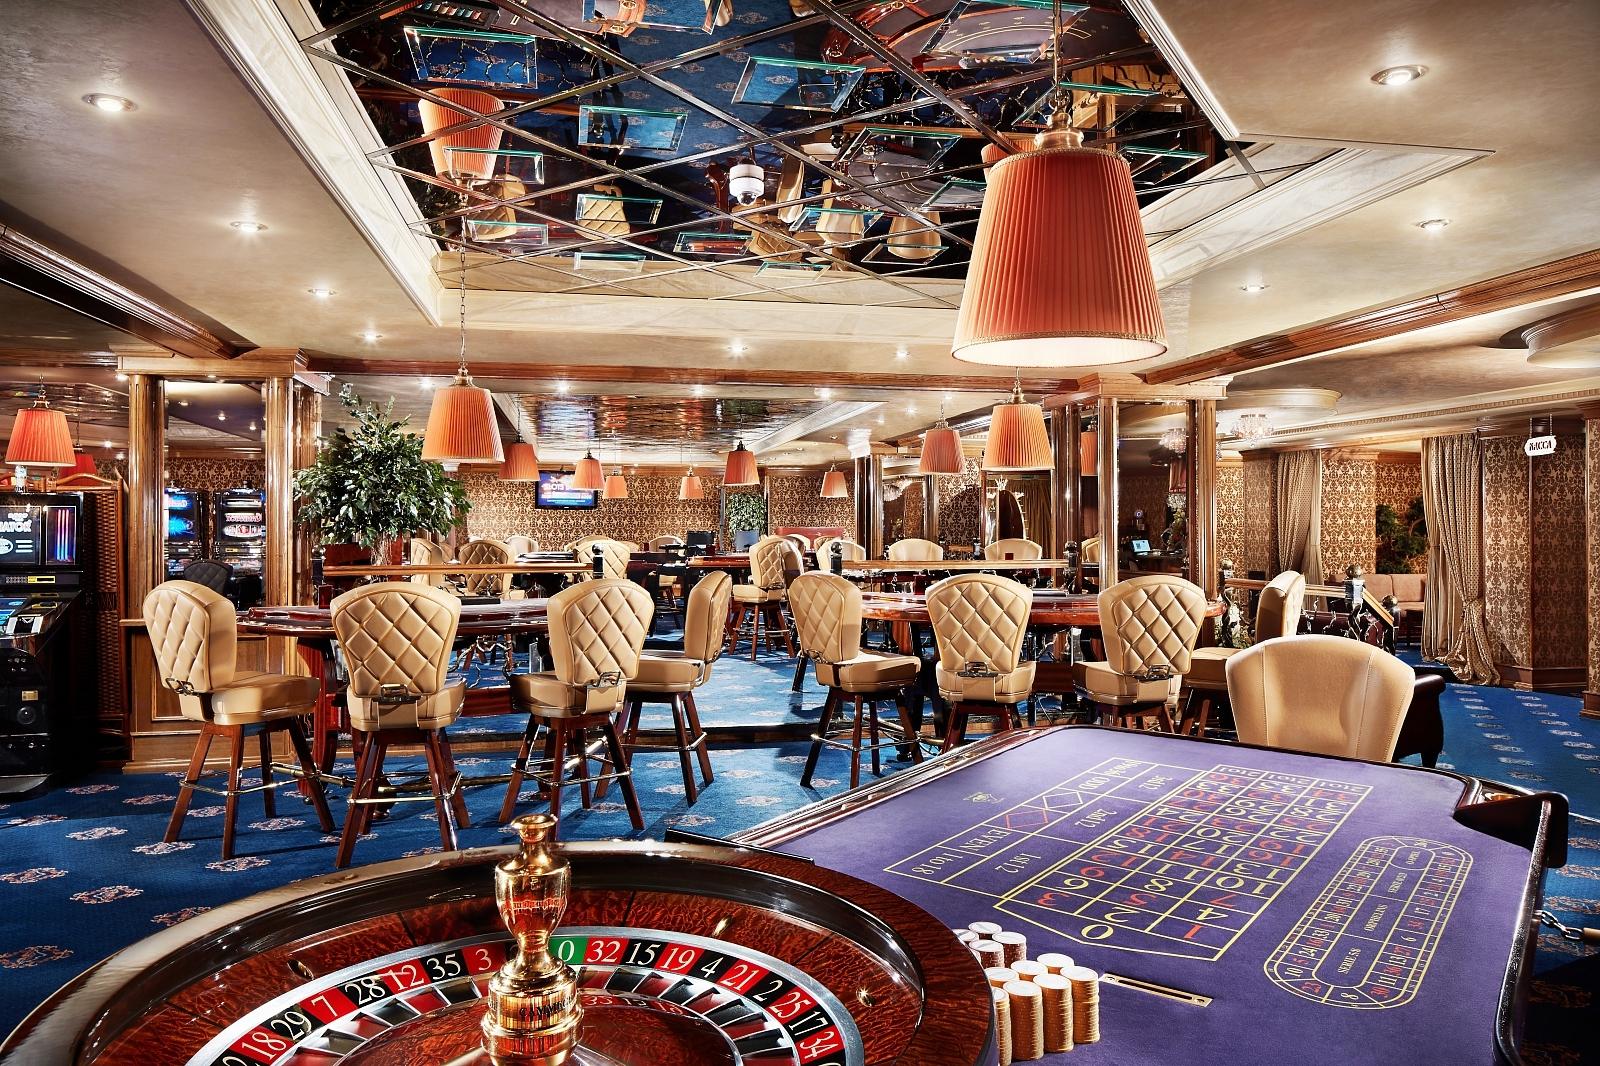 официальный сайт где в минске казино шанс